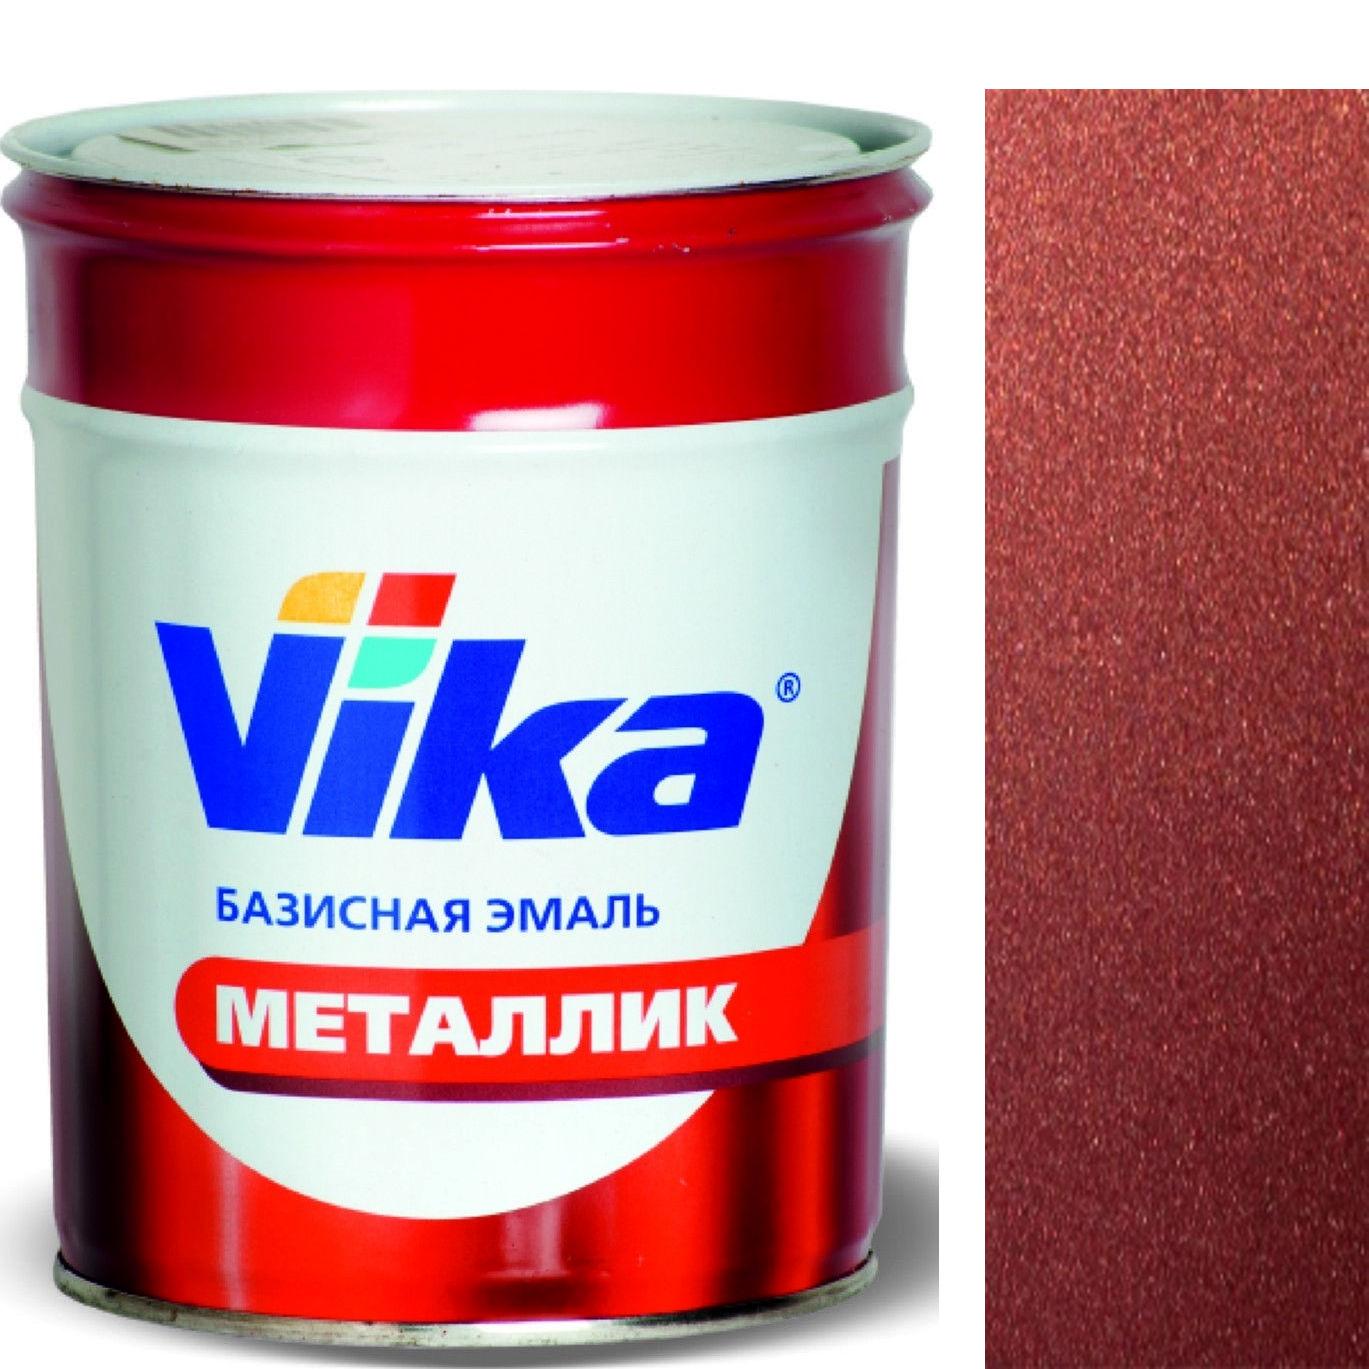 """Фото 13 - Автоэмаль """"Металлик"""" 150 Дефиле, профессиональная базовая, - 0,9 кг."""